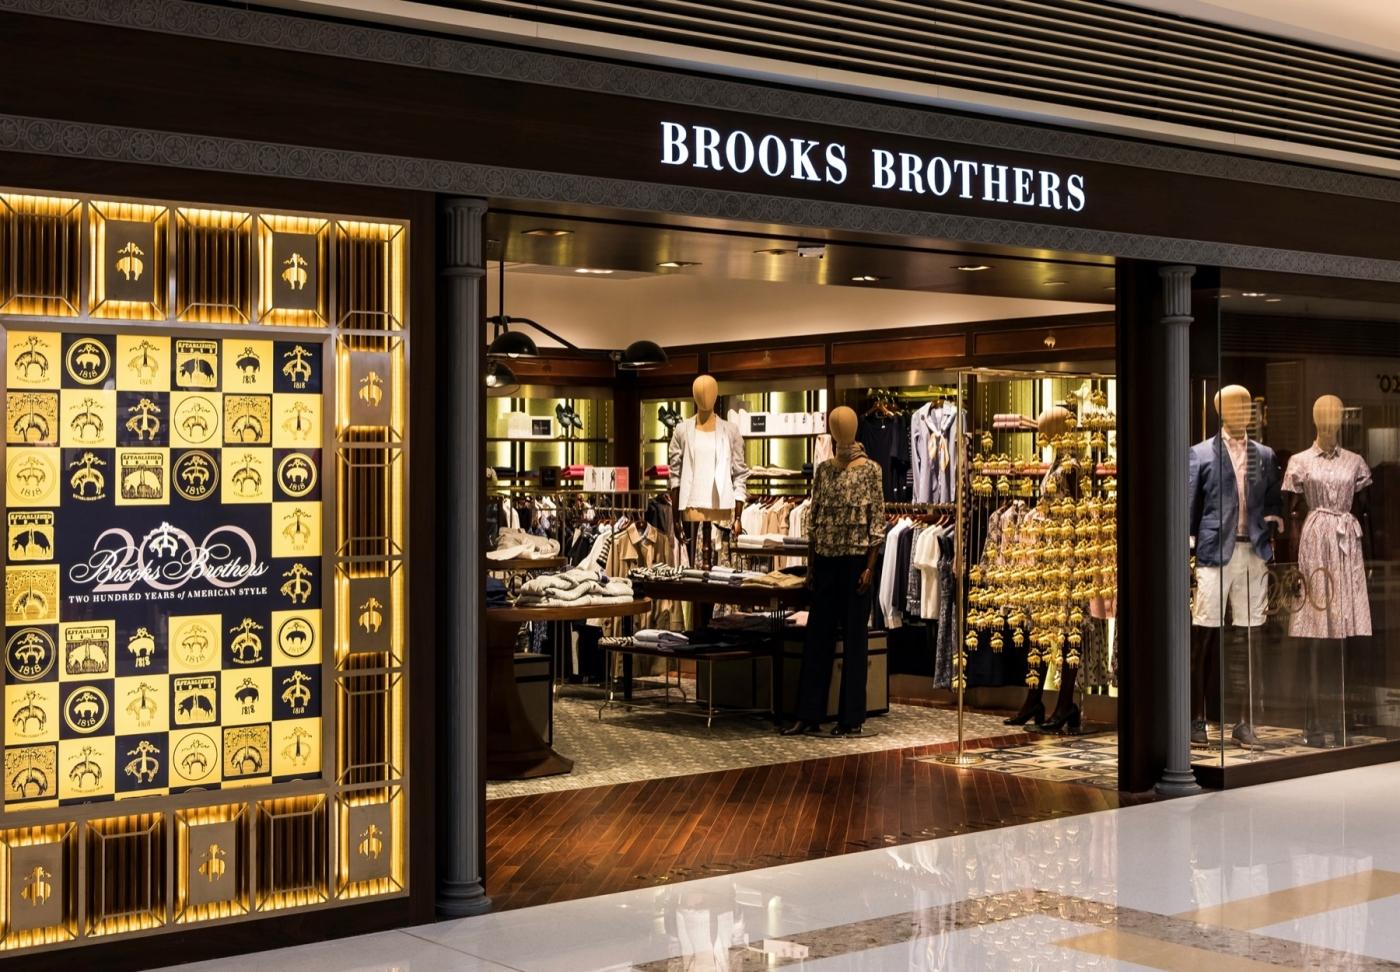 川普、歐巴馬都愛!美國總統御用西裝品牌Brooks Brothers申請破產